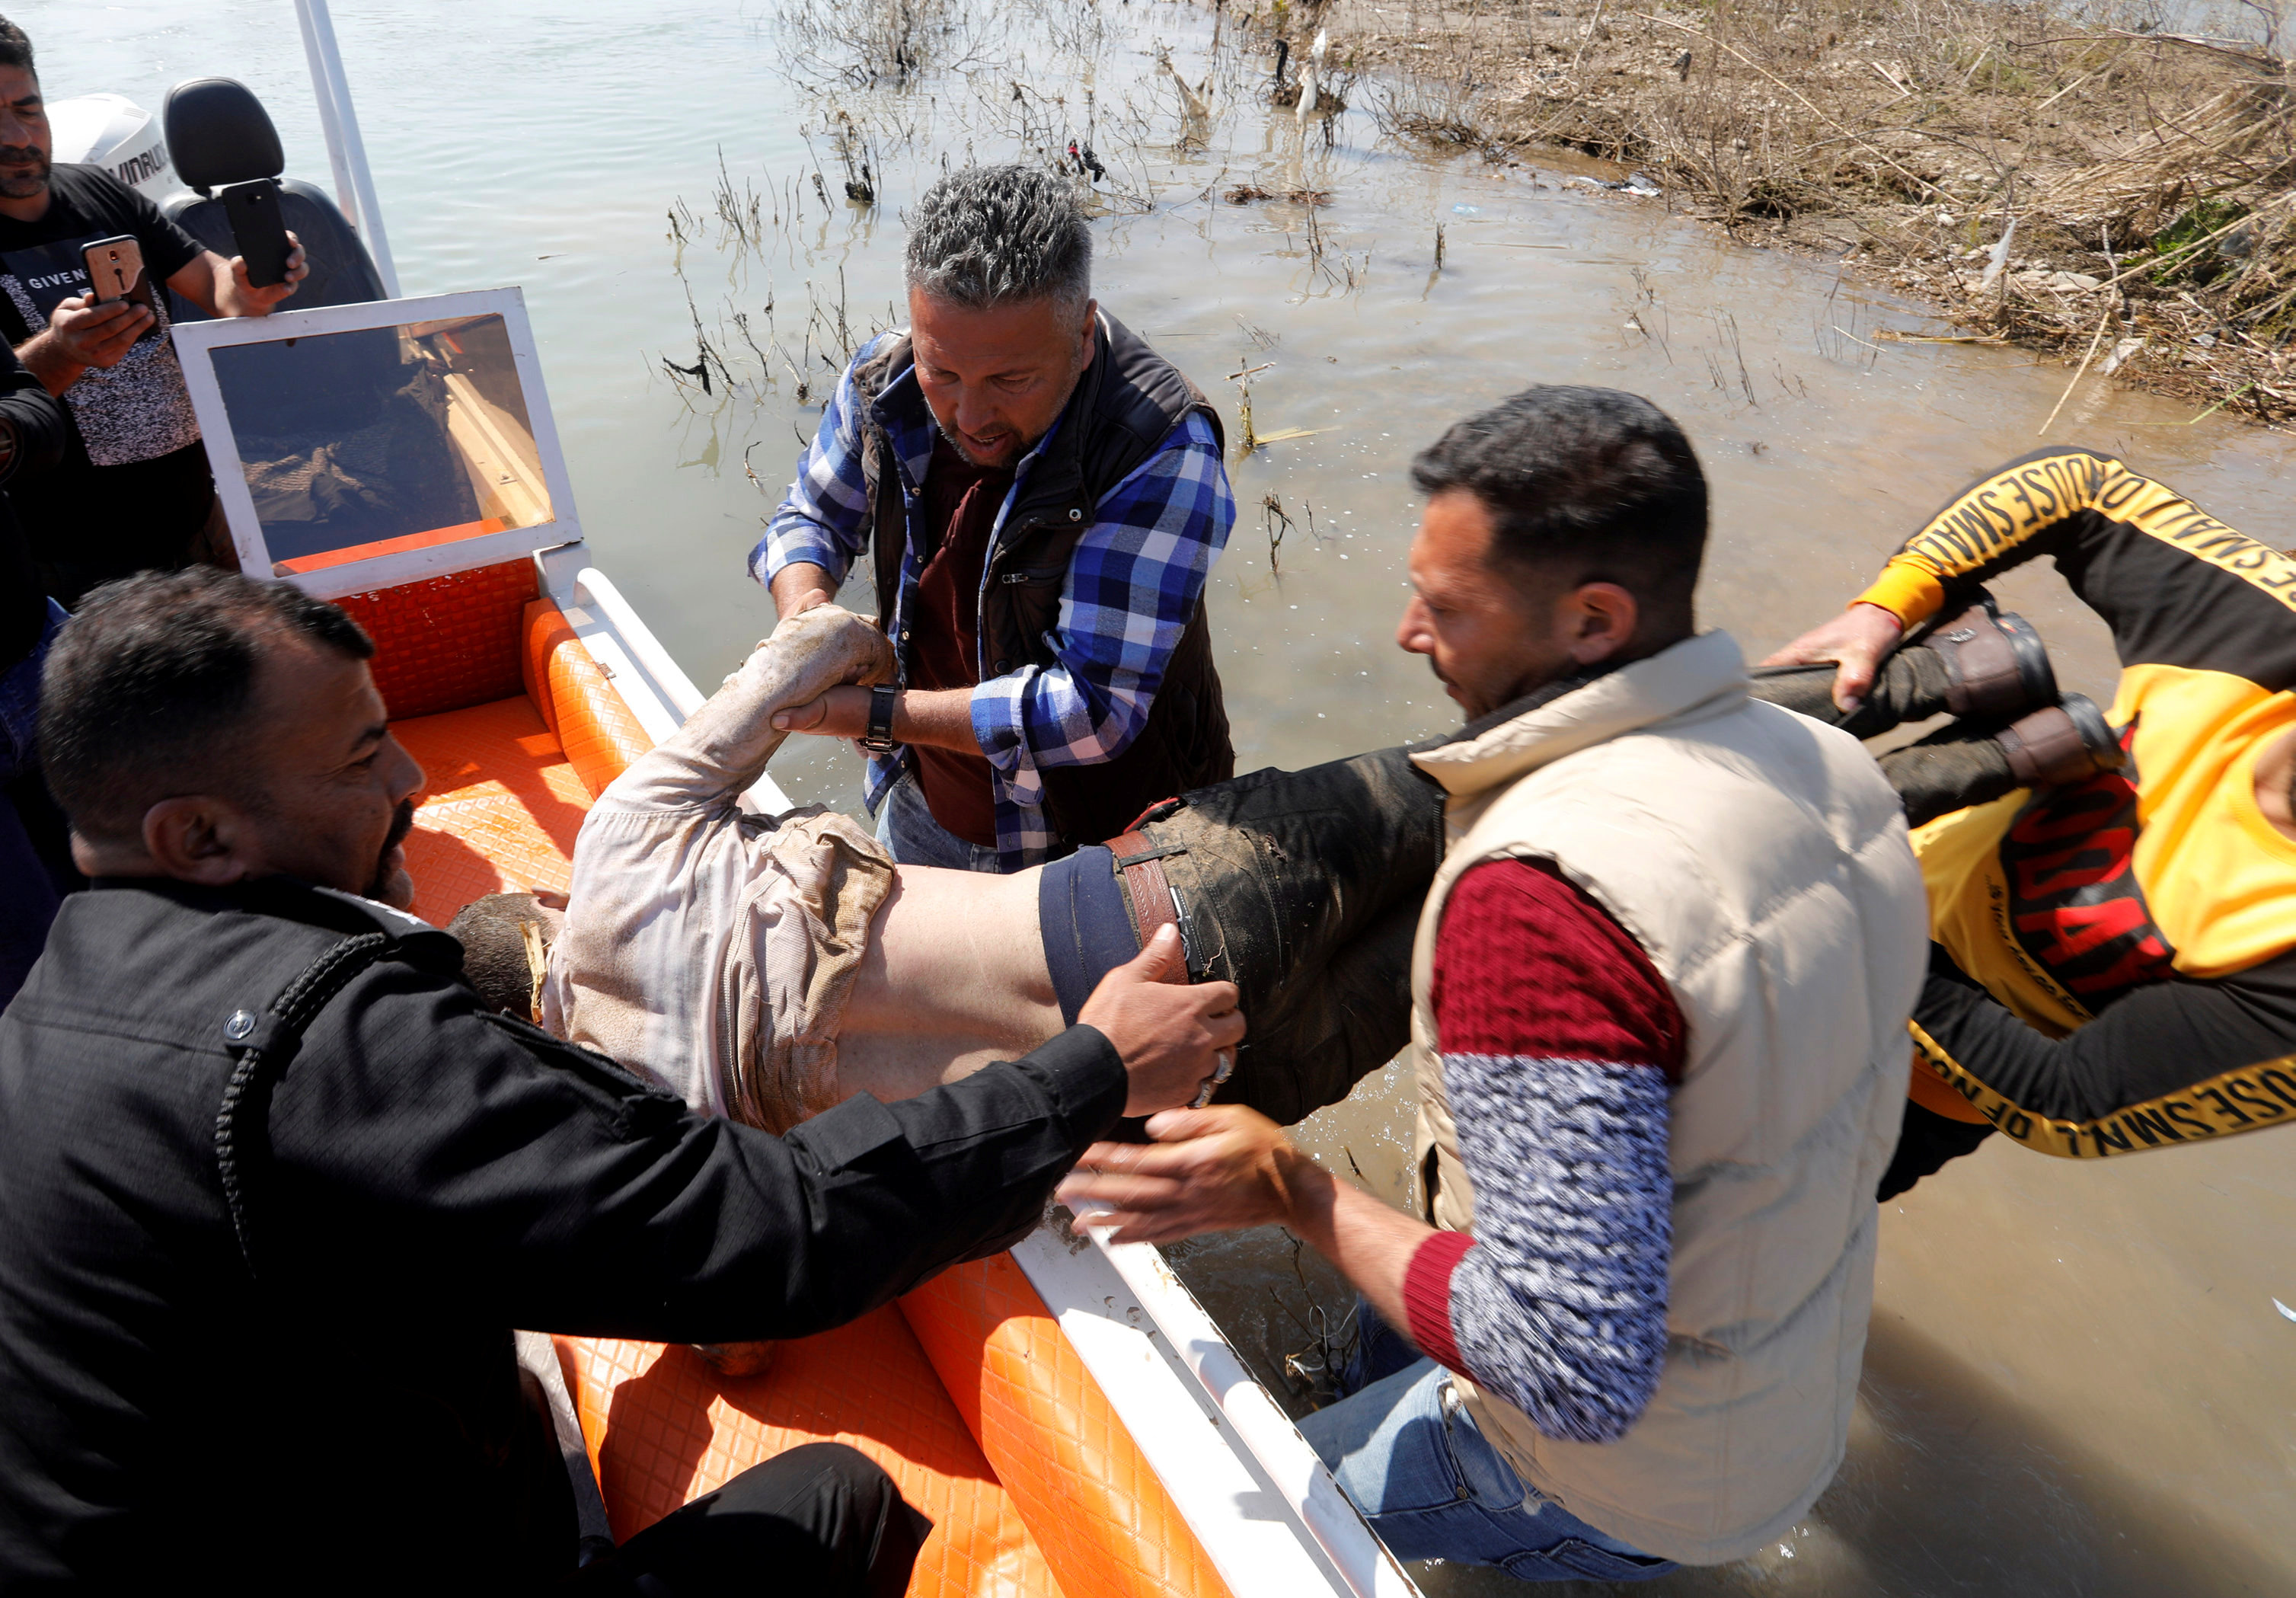 بين الغرقى كان يوجد عدد كبير من الأطفال (رويترز)